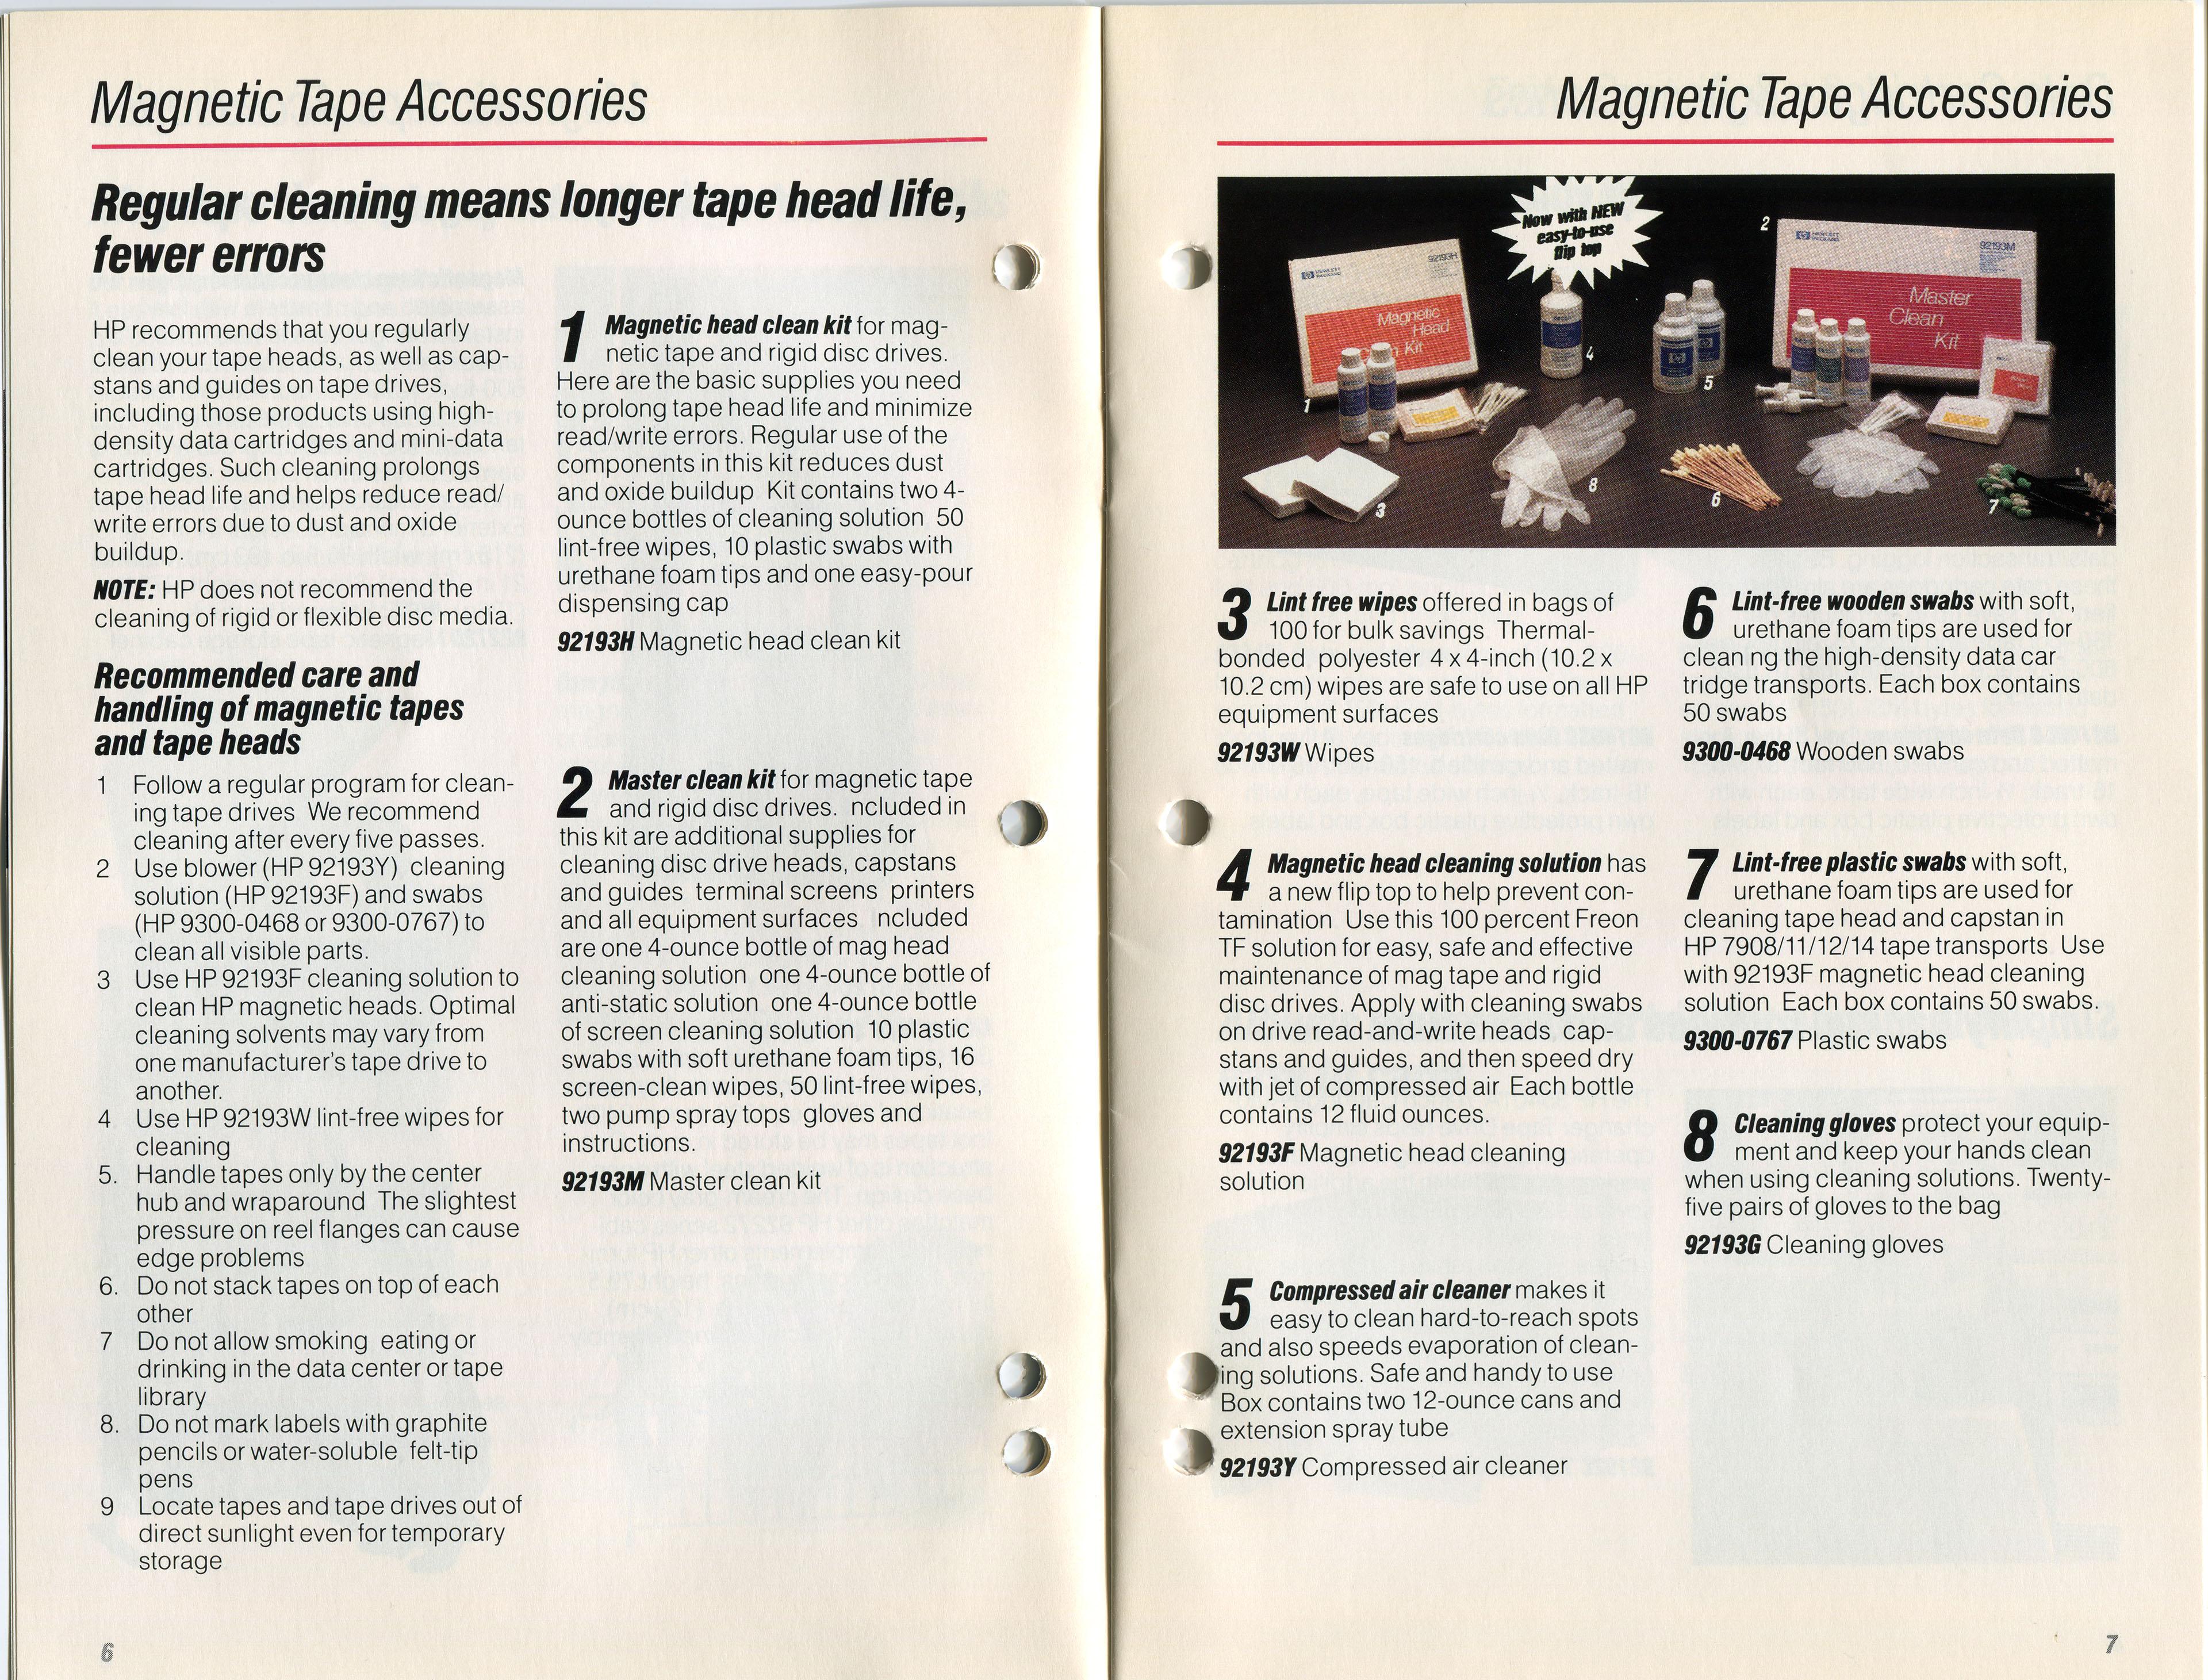 retronn de Hewlett Packard Supplies and Accessories for Disk